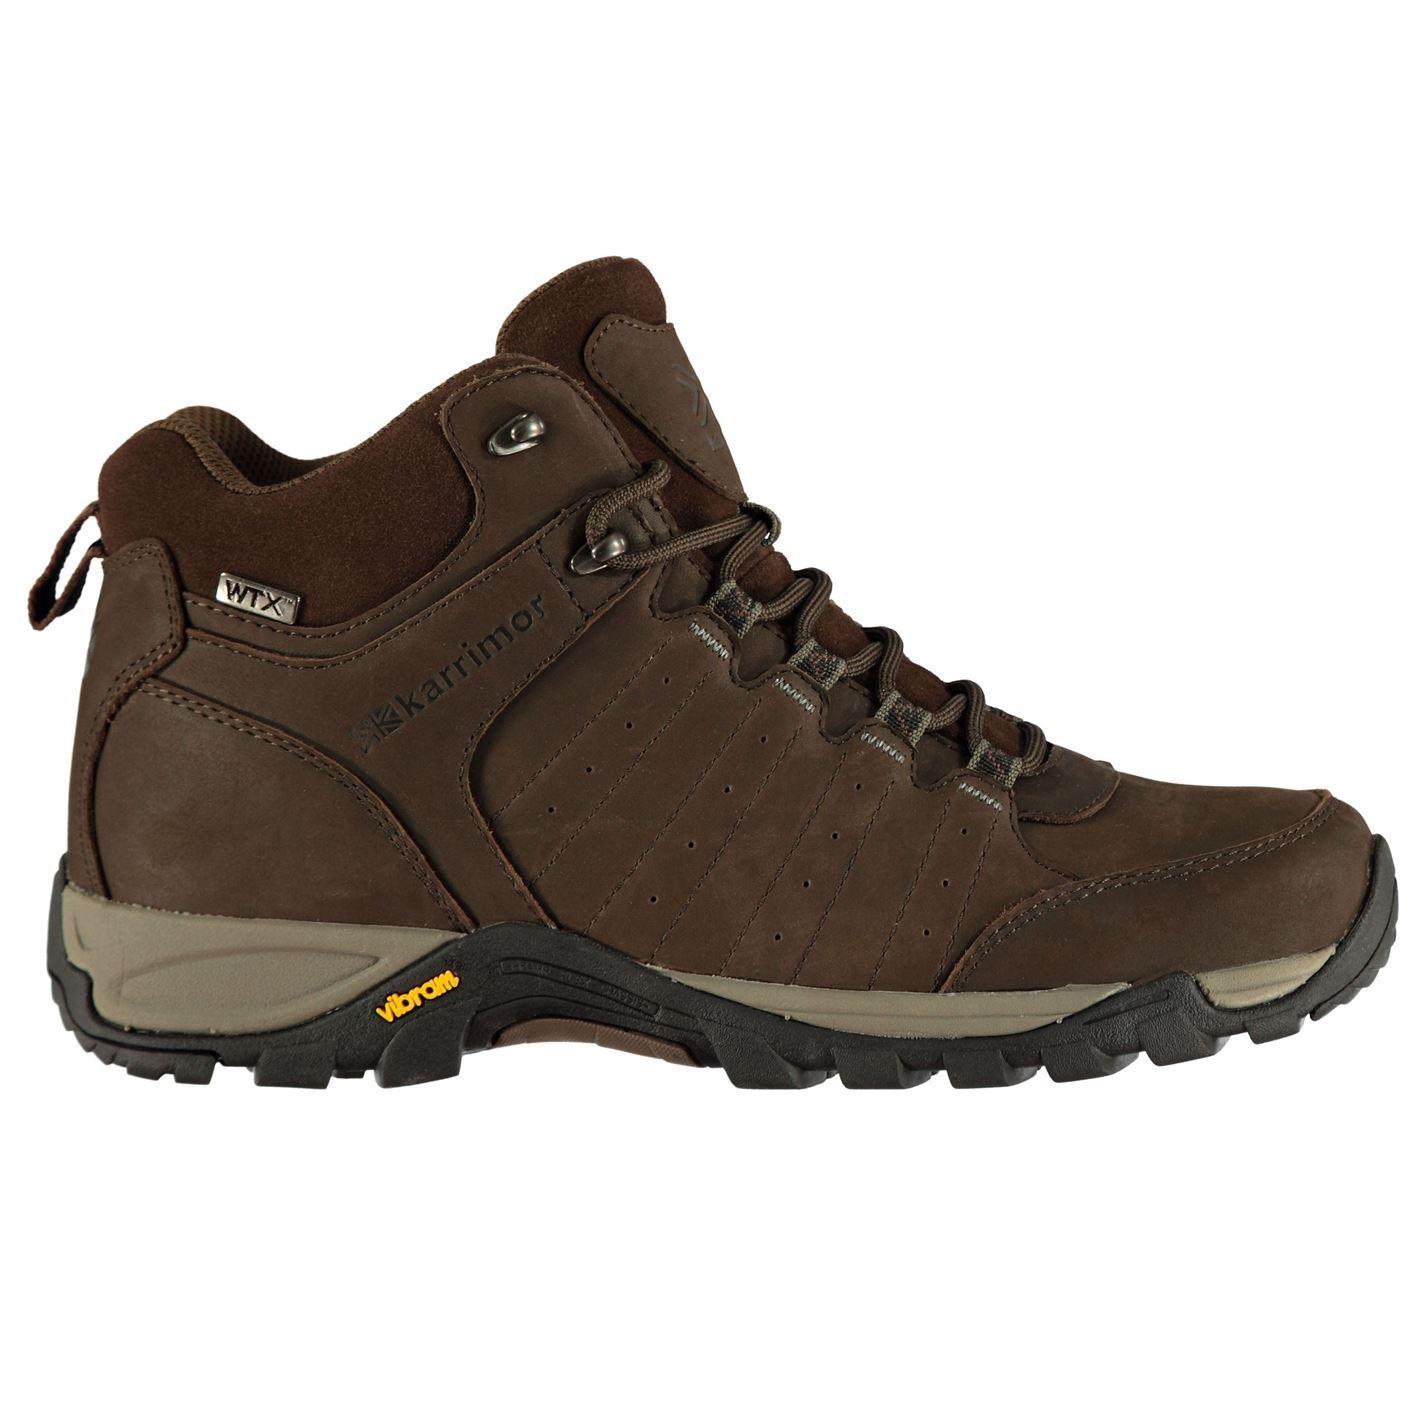 Karrimor Herren Traverse WTX Wanderschuhe Wasserfest Atmungsaktiv Outdoor Schuhe